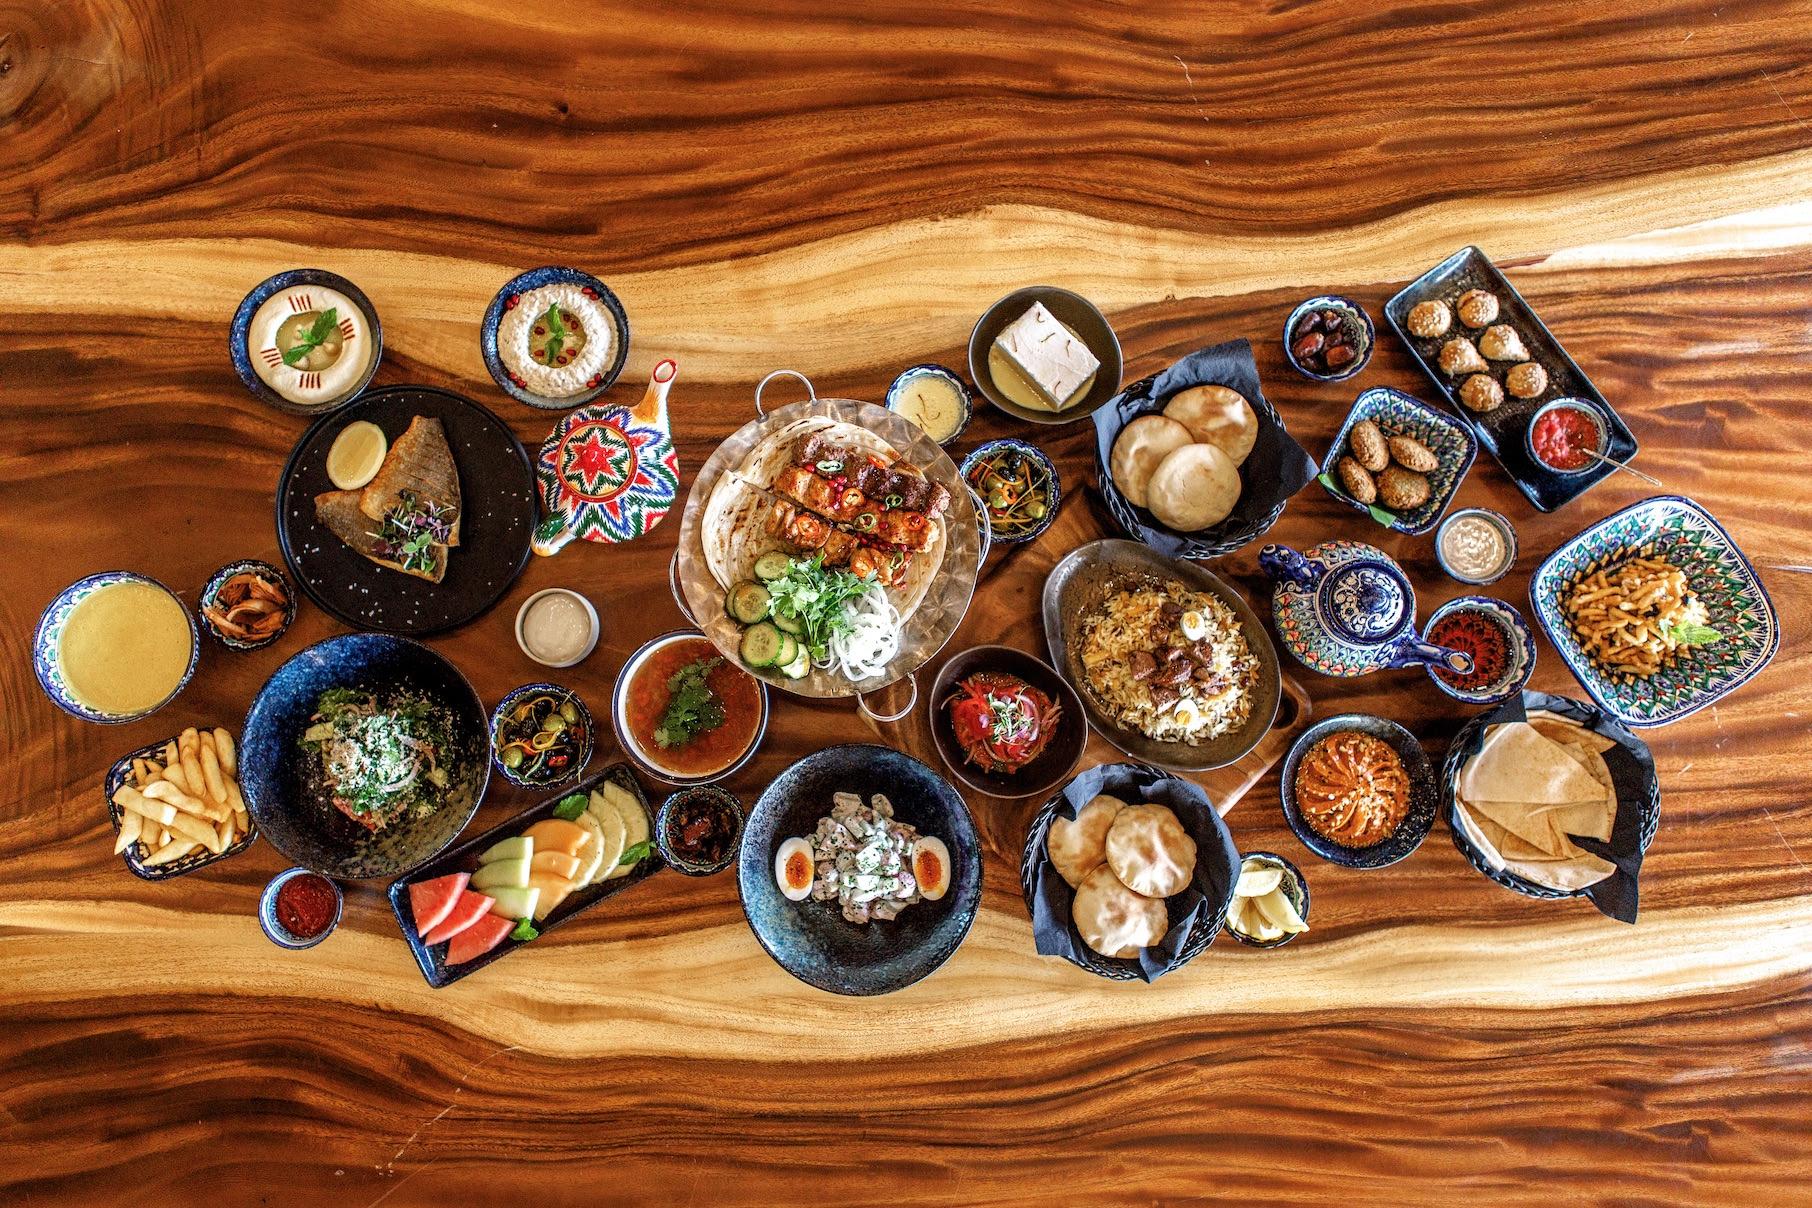 مطعم أوش يقدم قائمة إفطار أوزبكية استثنائية خلال رمضان 2019